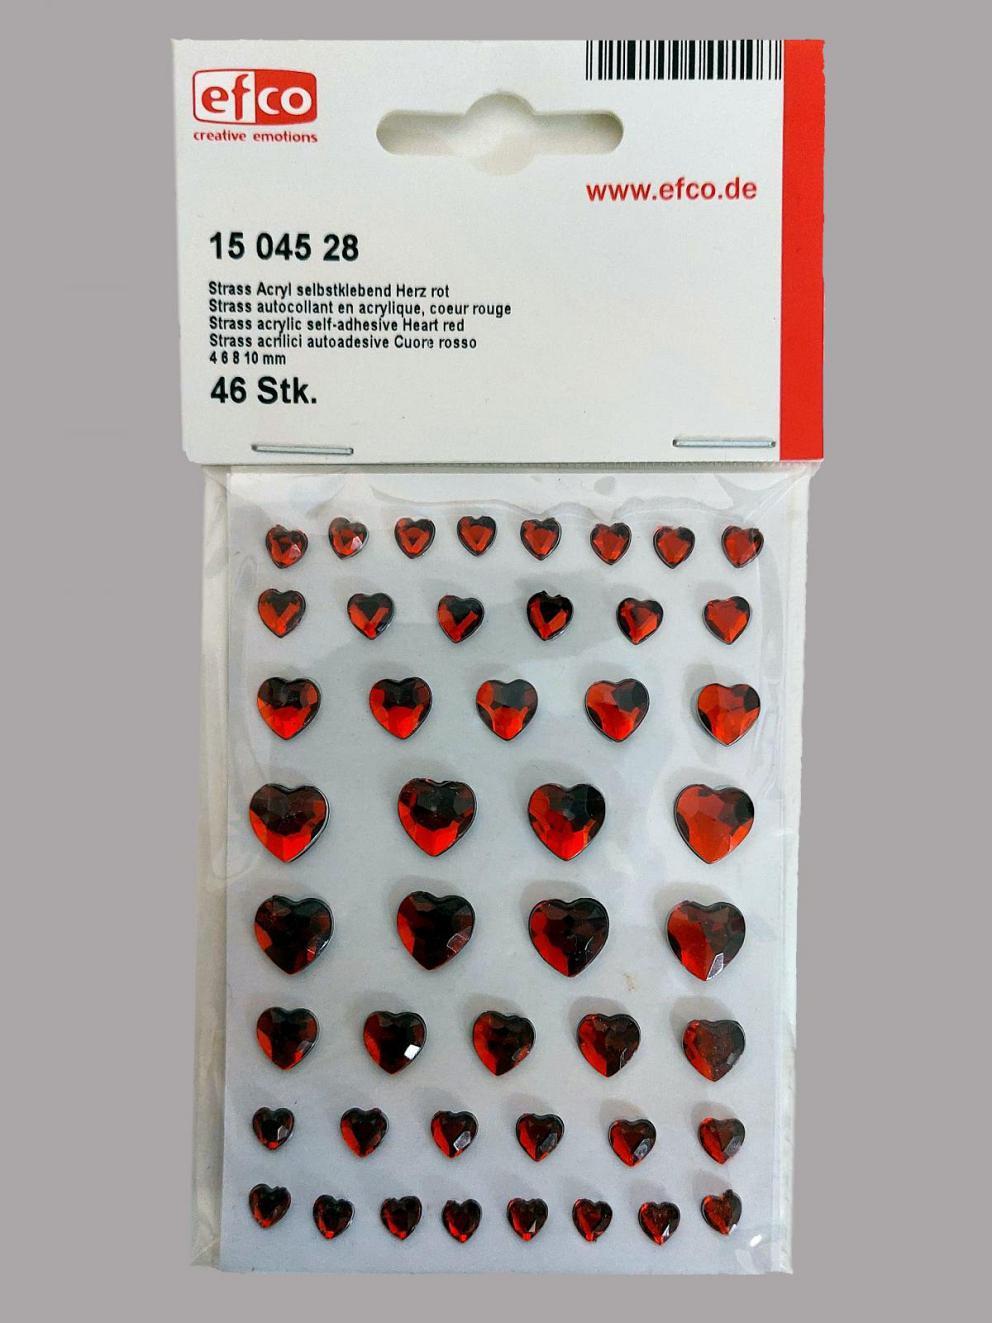 Bild Strasssteine Herzen rot 4, 6, 8, 10 mm 46 Stk selbstklebend